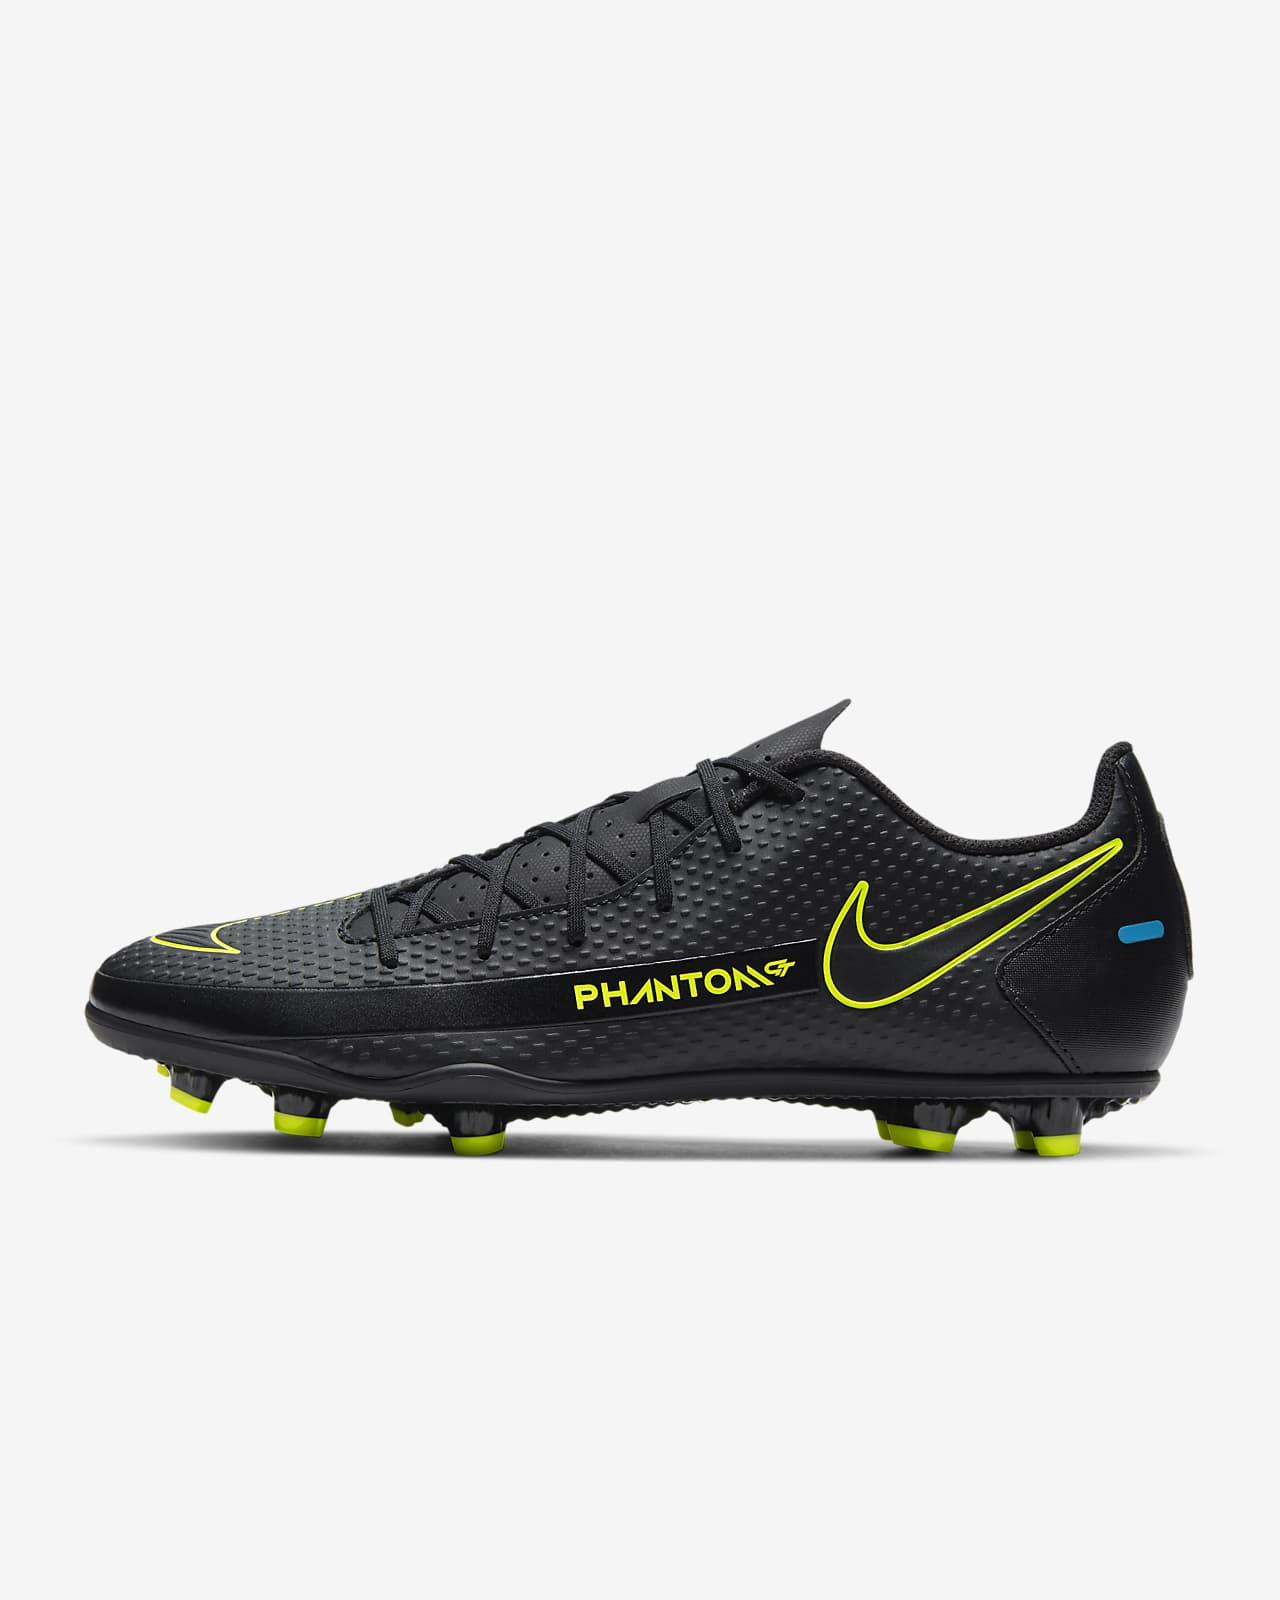 Nike Phantom GT Club MG Fußballschuh für verschiedene Böden